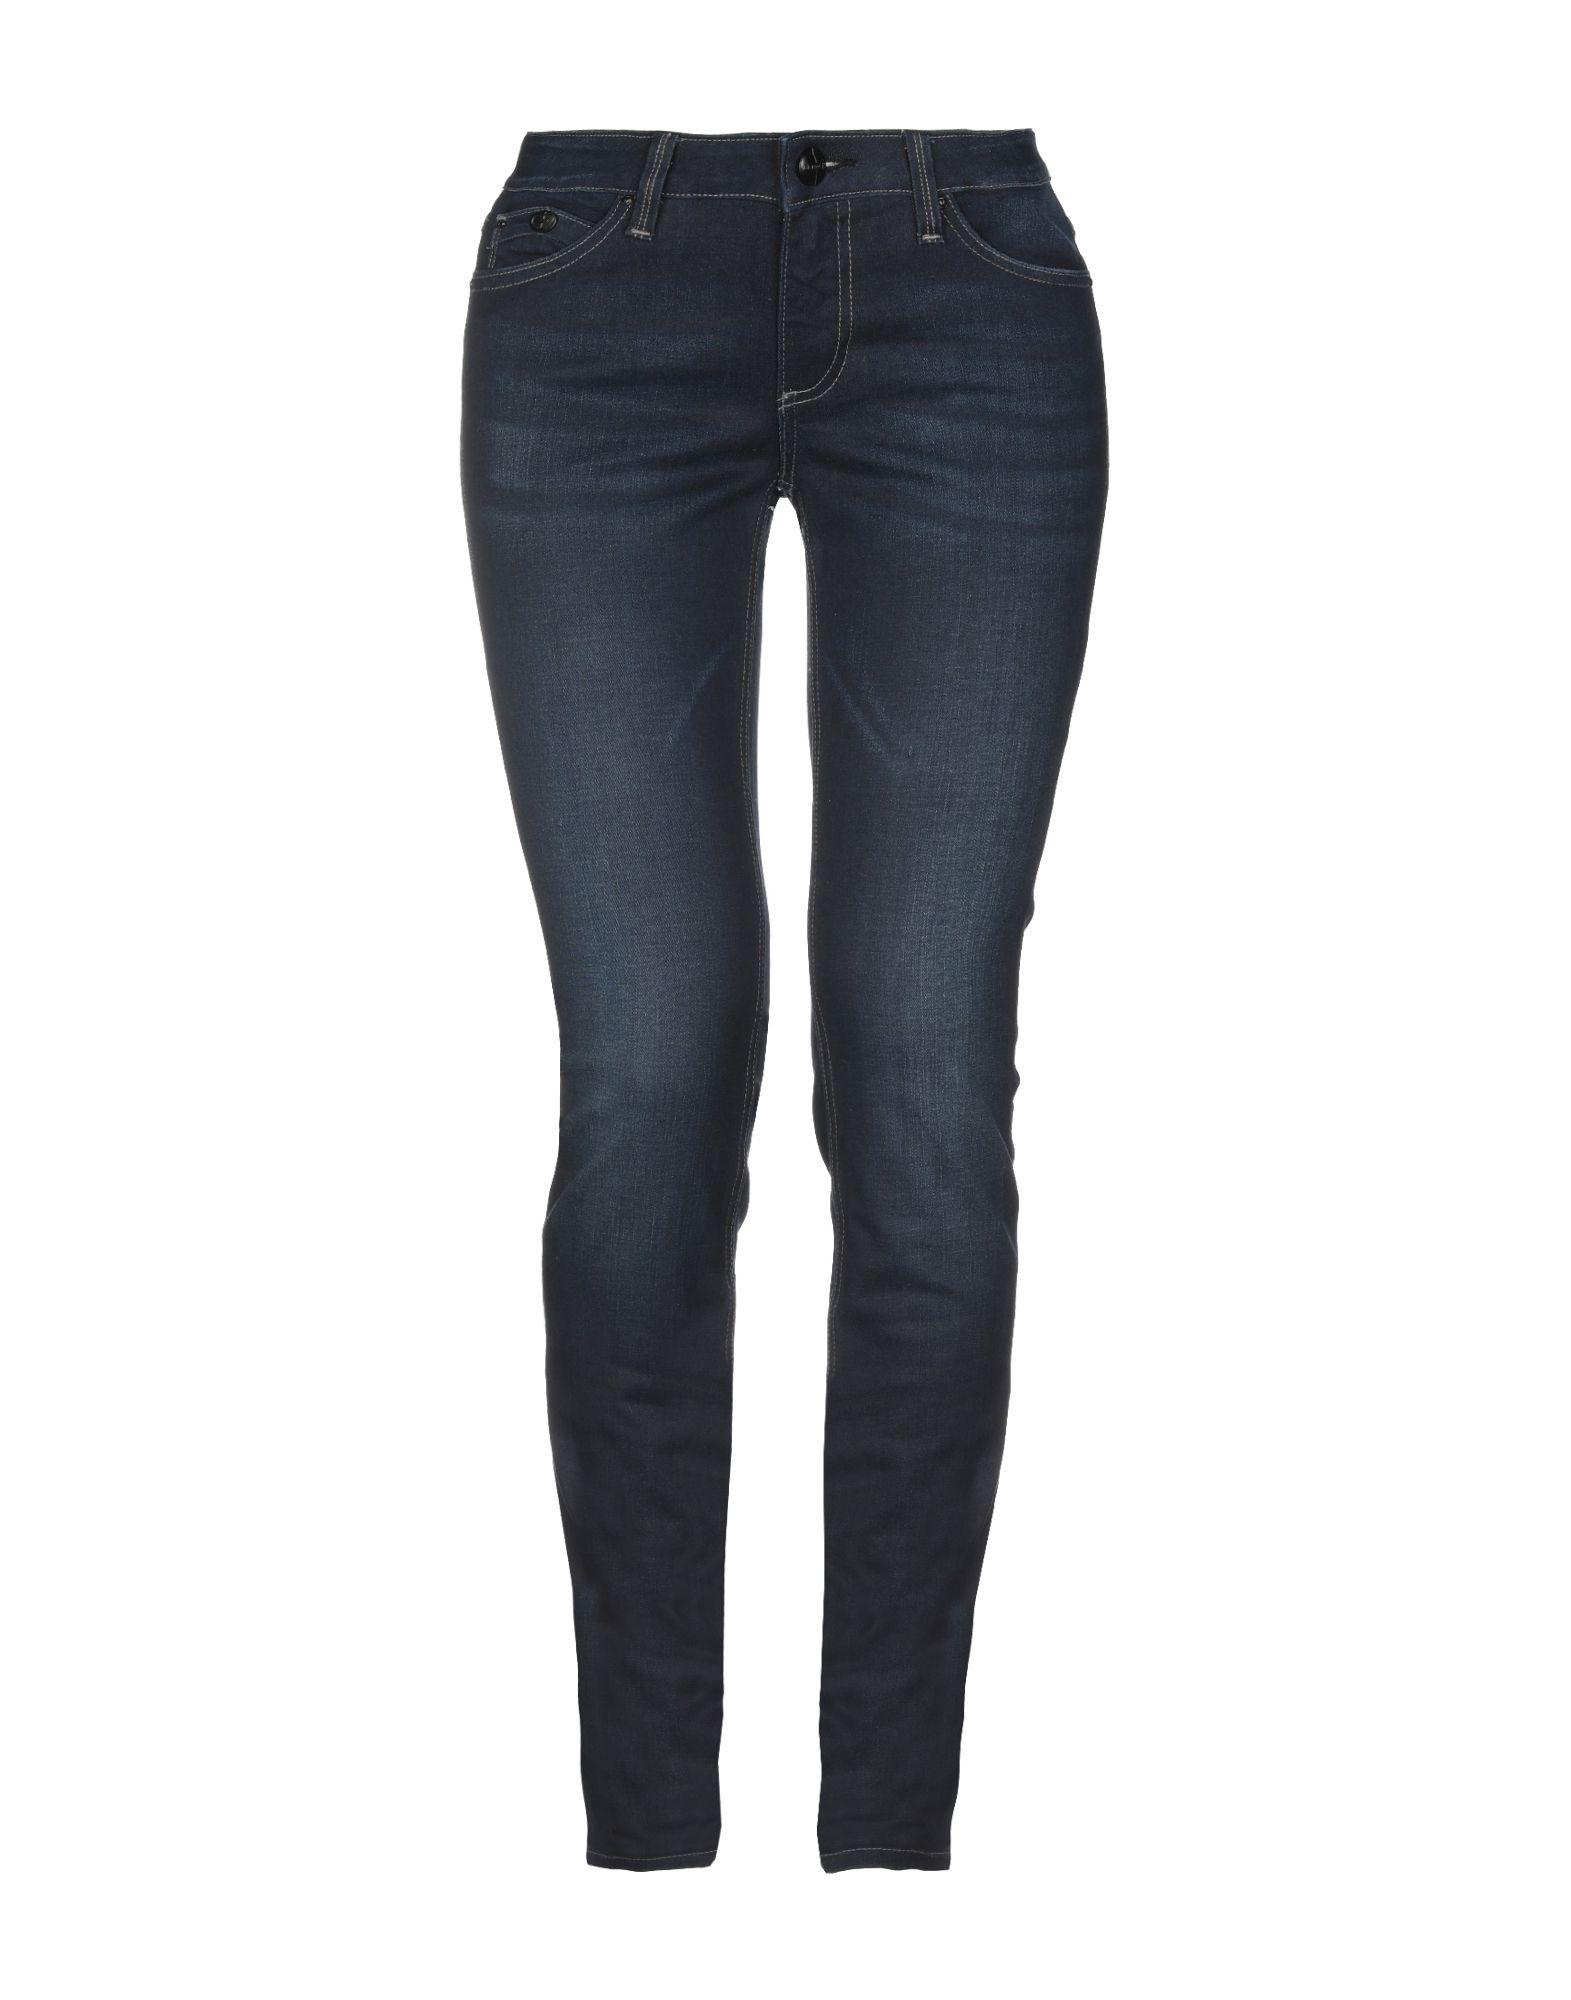 купить LEROCK Джинсовые брюки по цене 4750 рублей